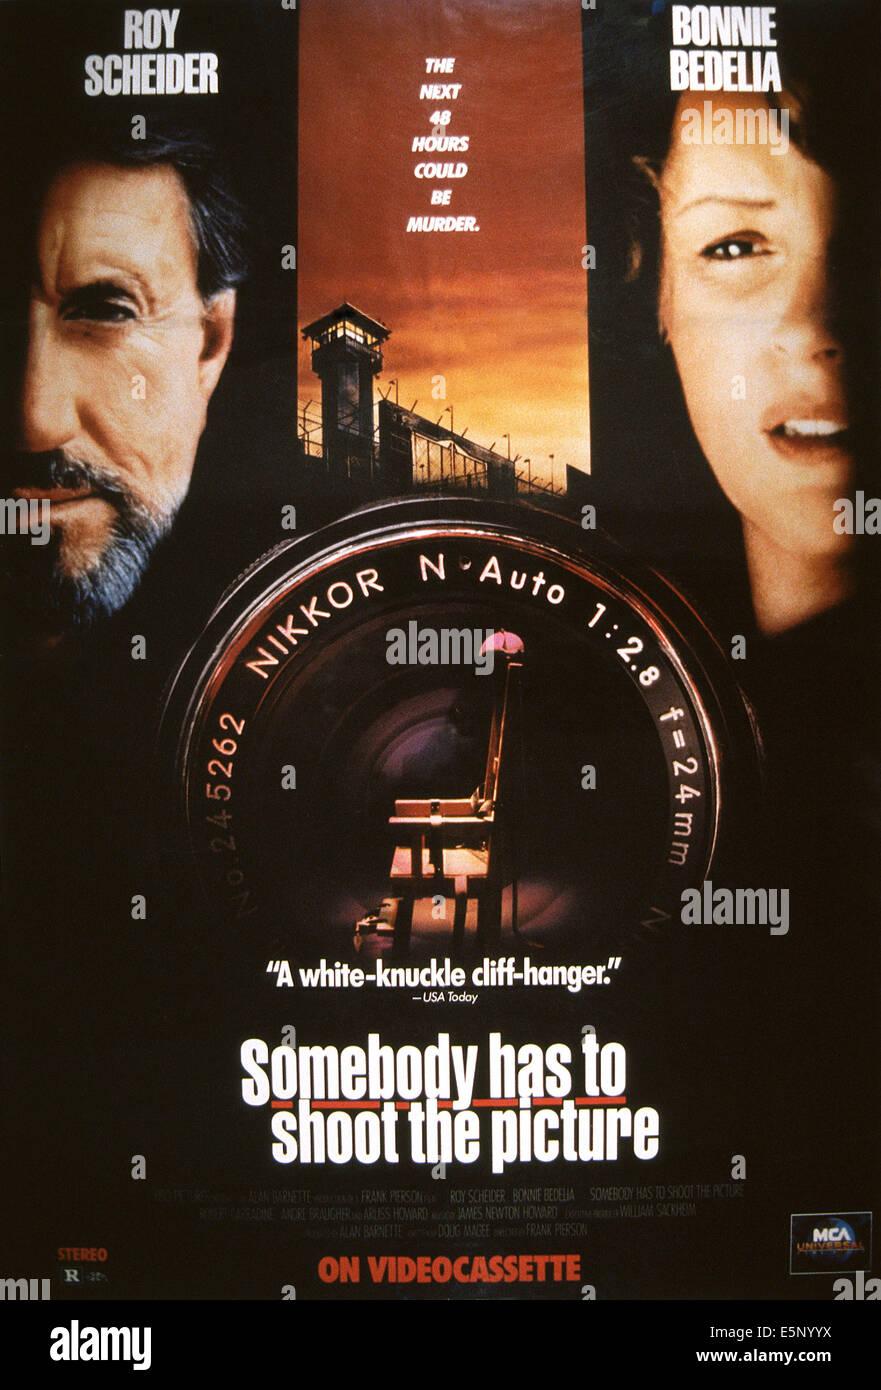 SOMEBODY hat zu schießen THE PICTURE, US-Plakat, von links: Roy Scheider, Bonnie Bedelia, 1990, © HBO/Courtesy Stockbild